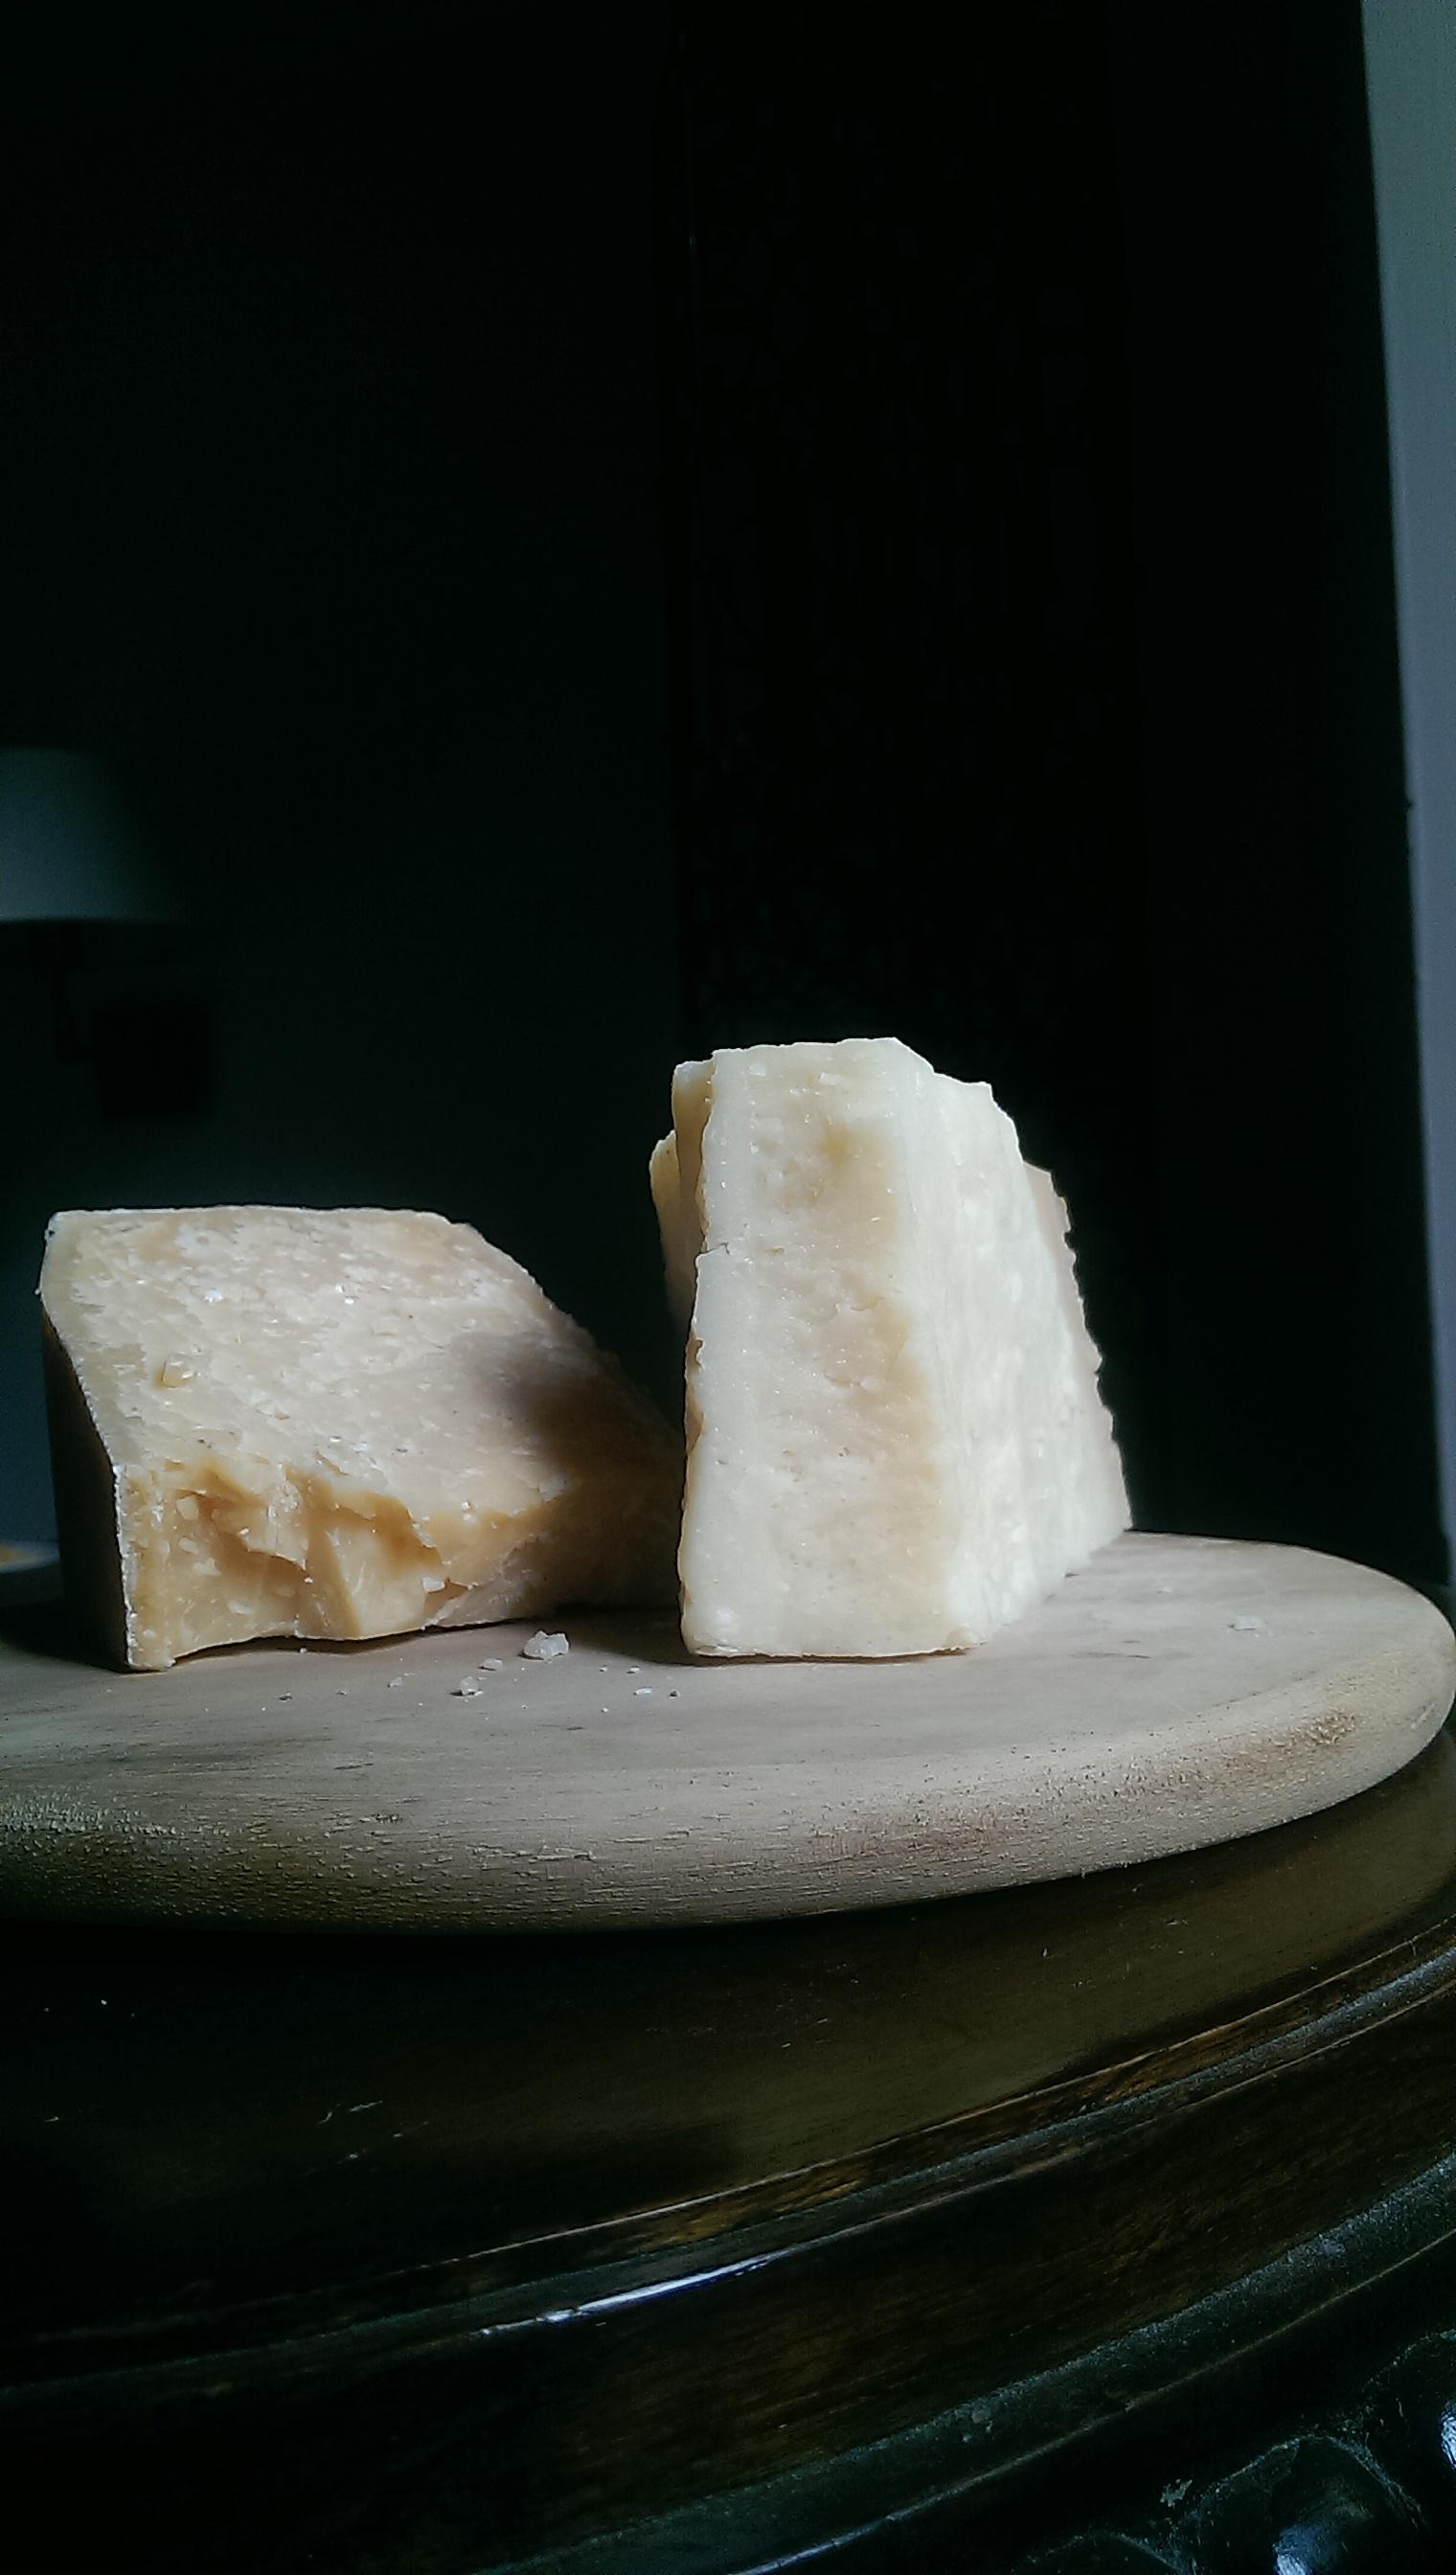 Grana from Piemonte